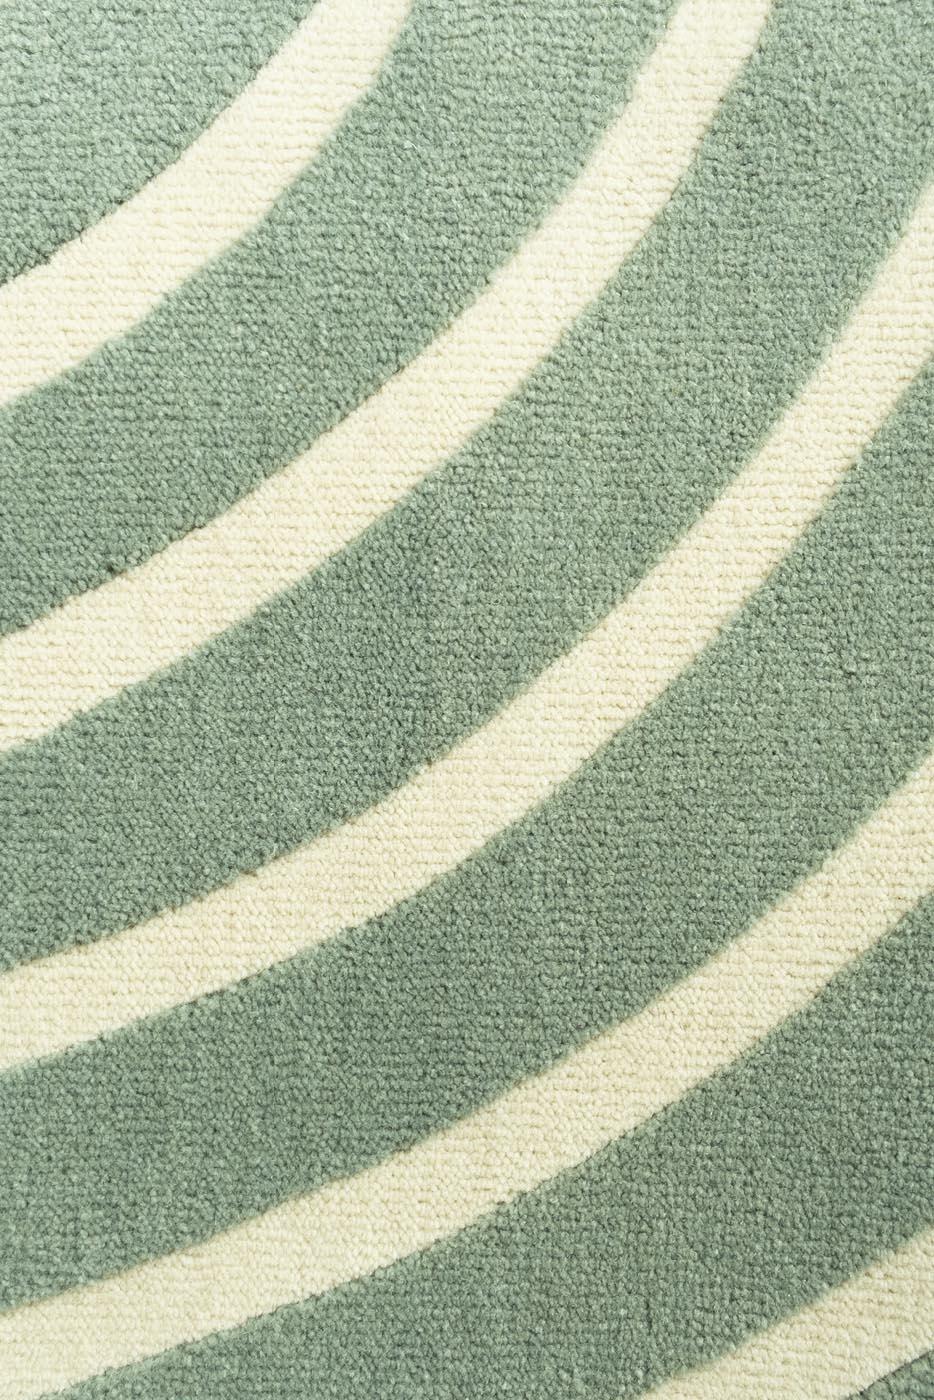 Carpet - Moquette Billie by Pinton